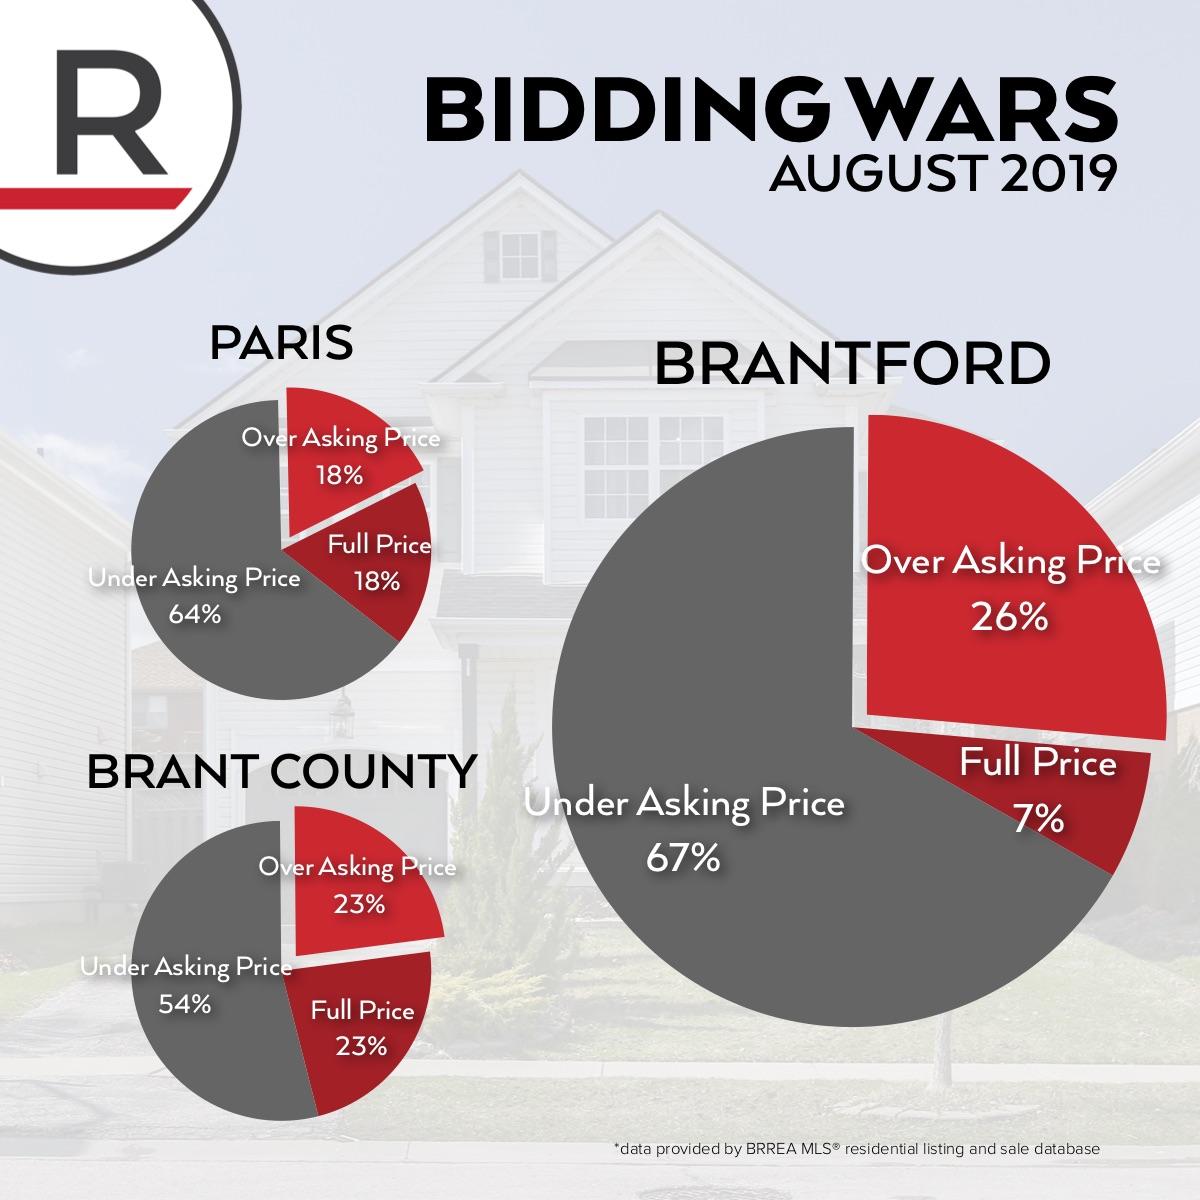 BiddingWars-MarketReport-Sept2019.jpg